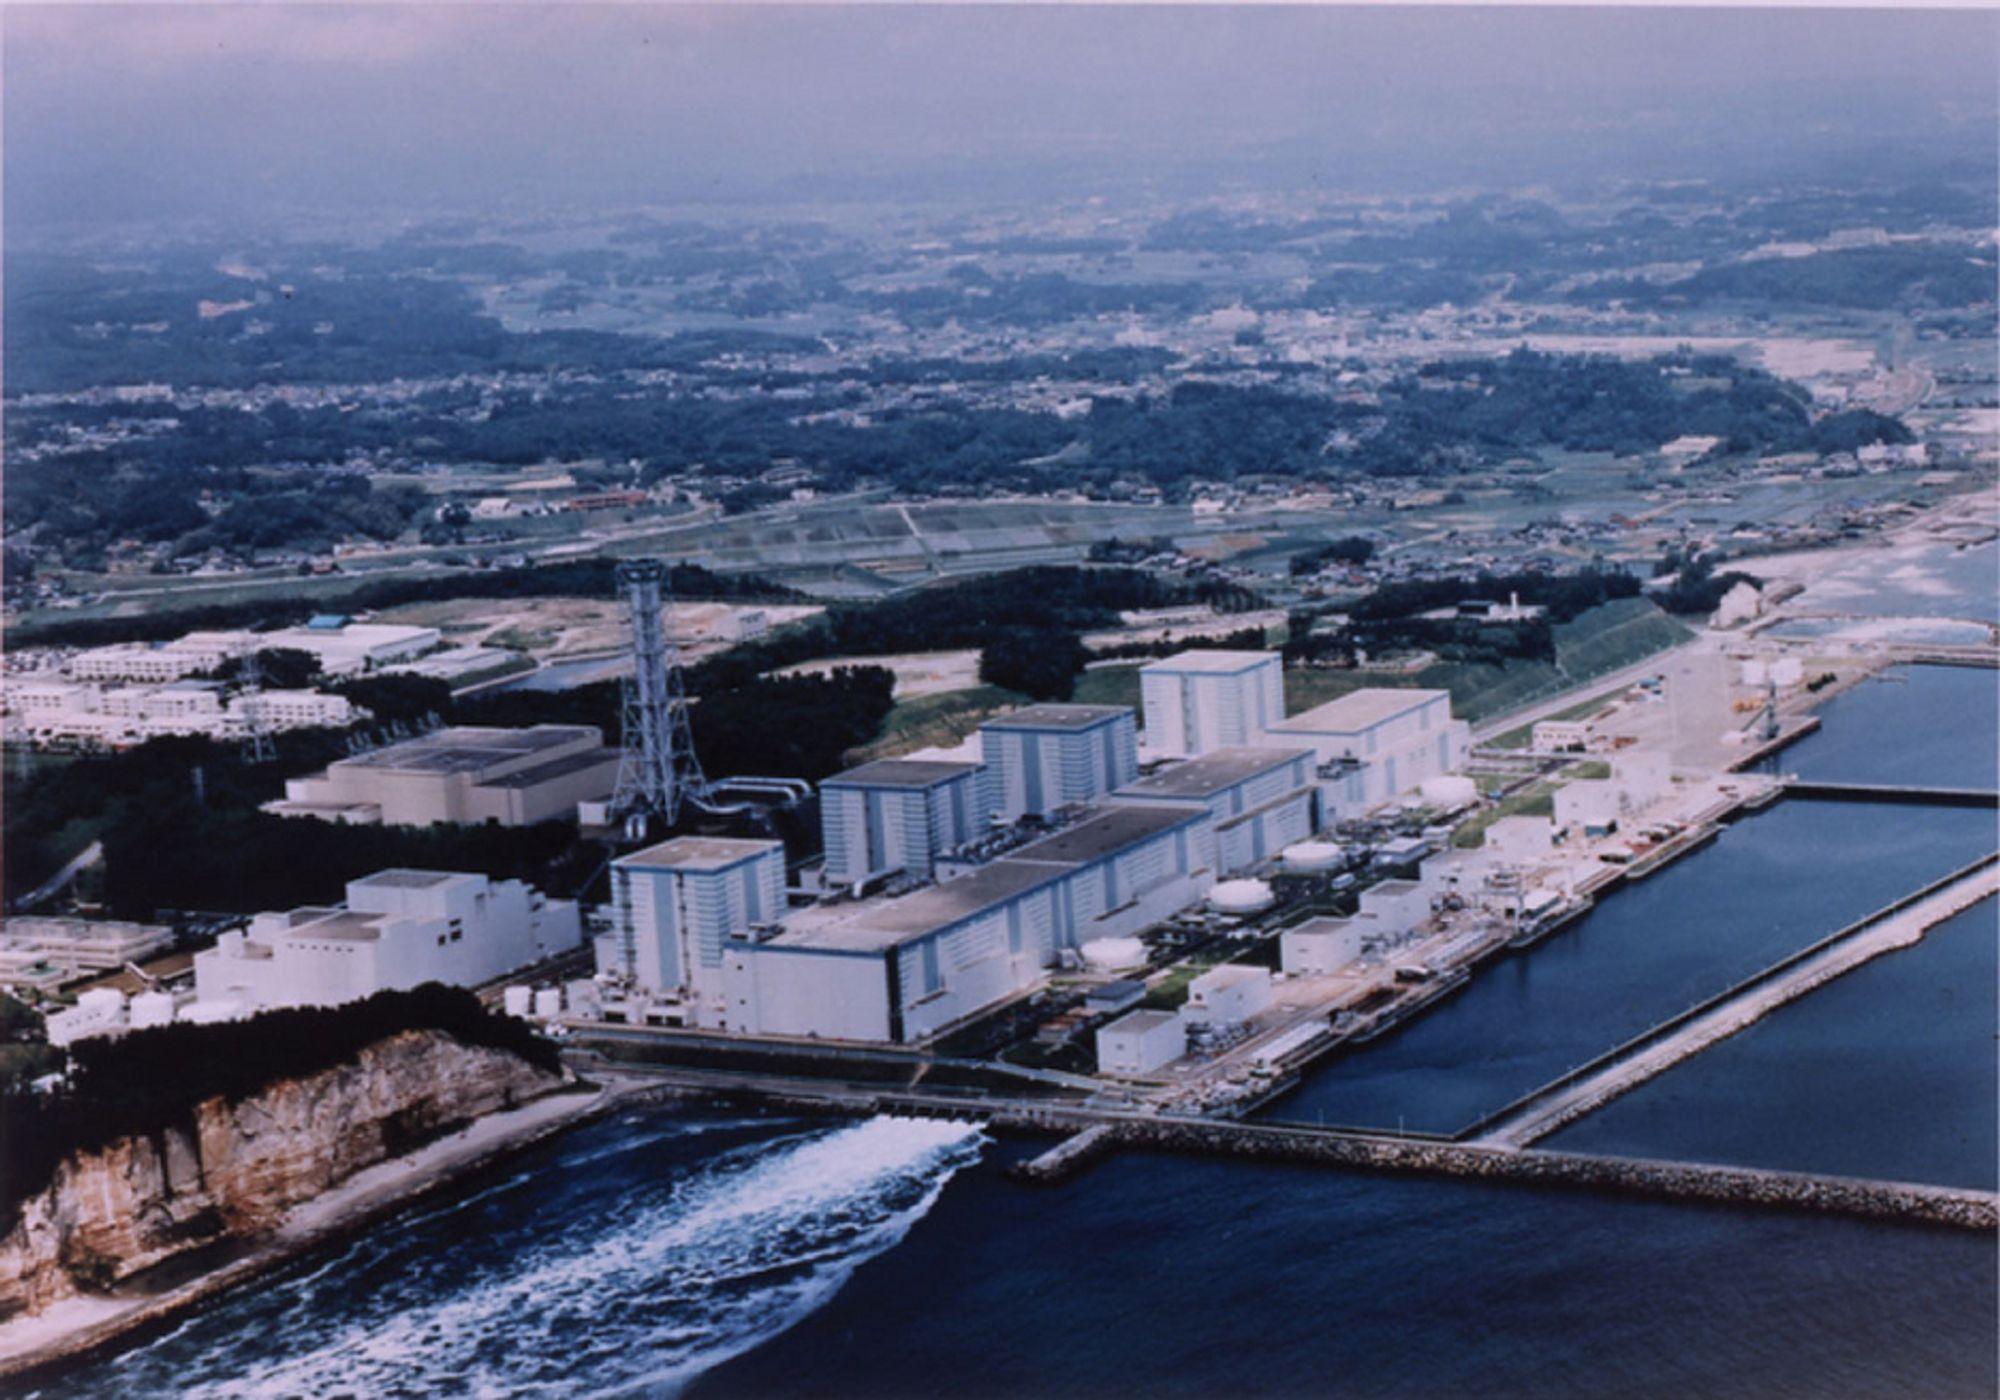 Fukushima II / Fukushima Daini kjernekraftverk Japan